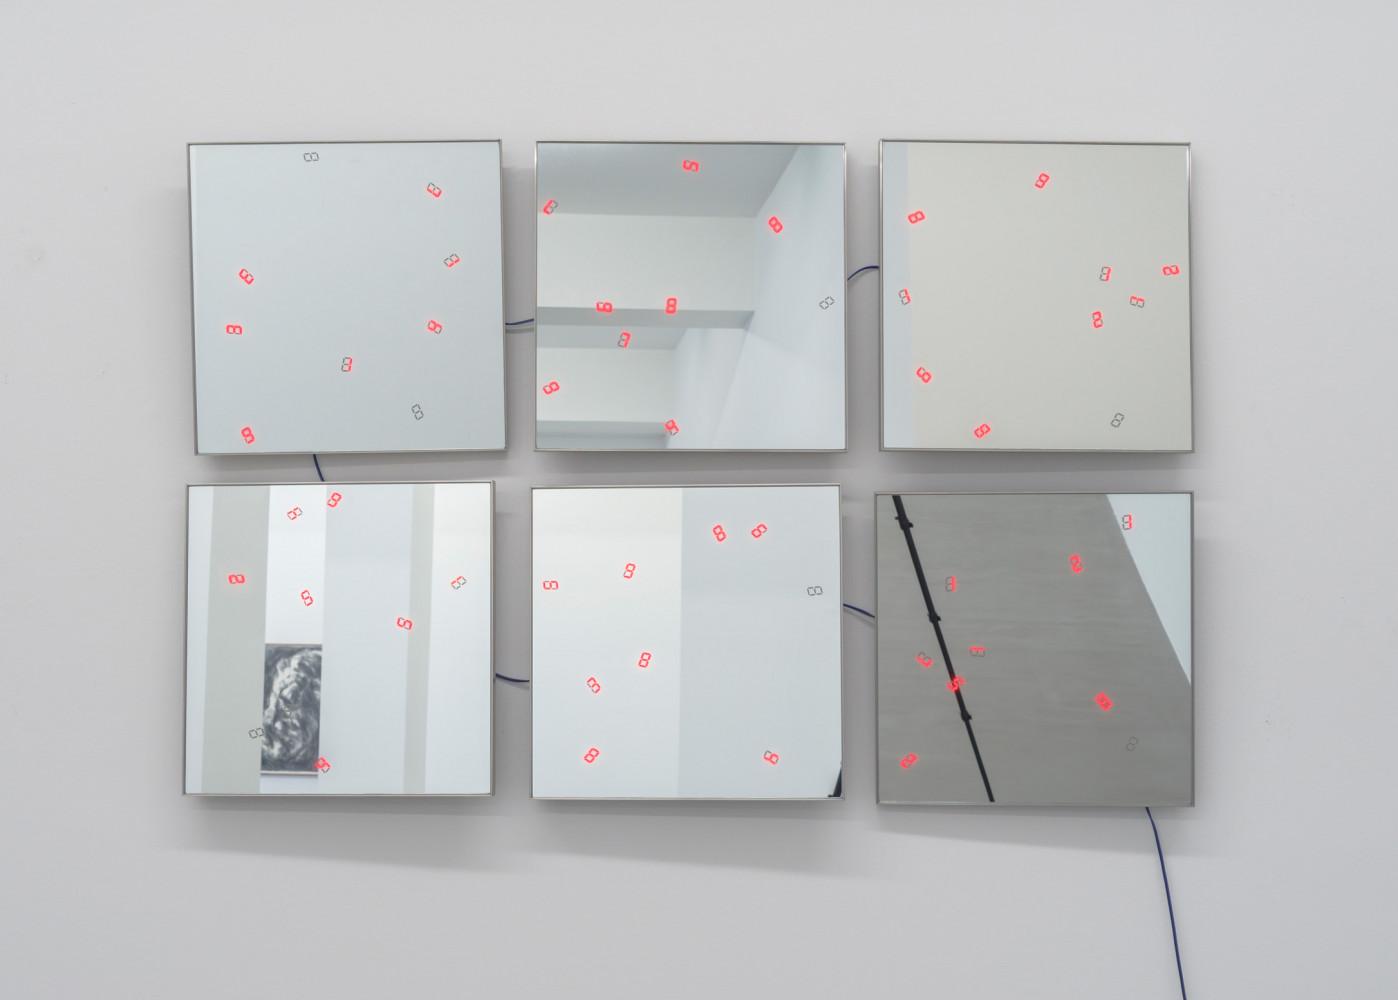 Tatsuo Miyajima, 'C.T.C.S. Flower Dance no. 6', 2017